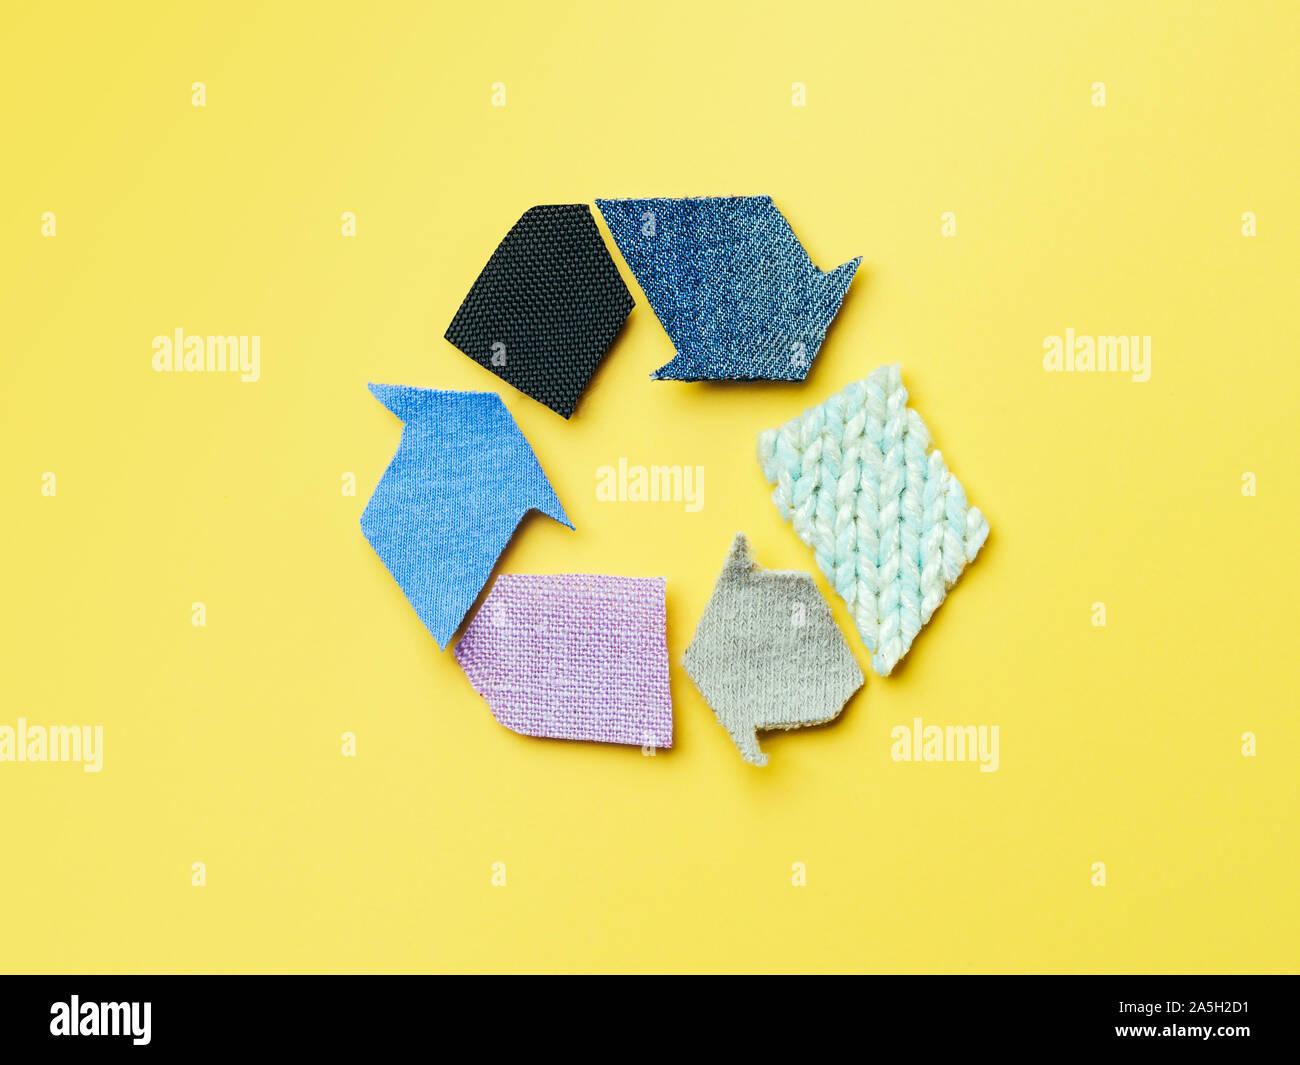 Reducir, reutilizar, reciclar el concepto de fondo. Símbolo de reciclado de ropa usada sobre fondo amarillo. Vista superior plana o de laicos. Foto de stock